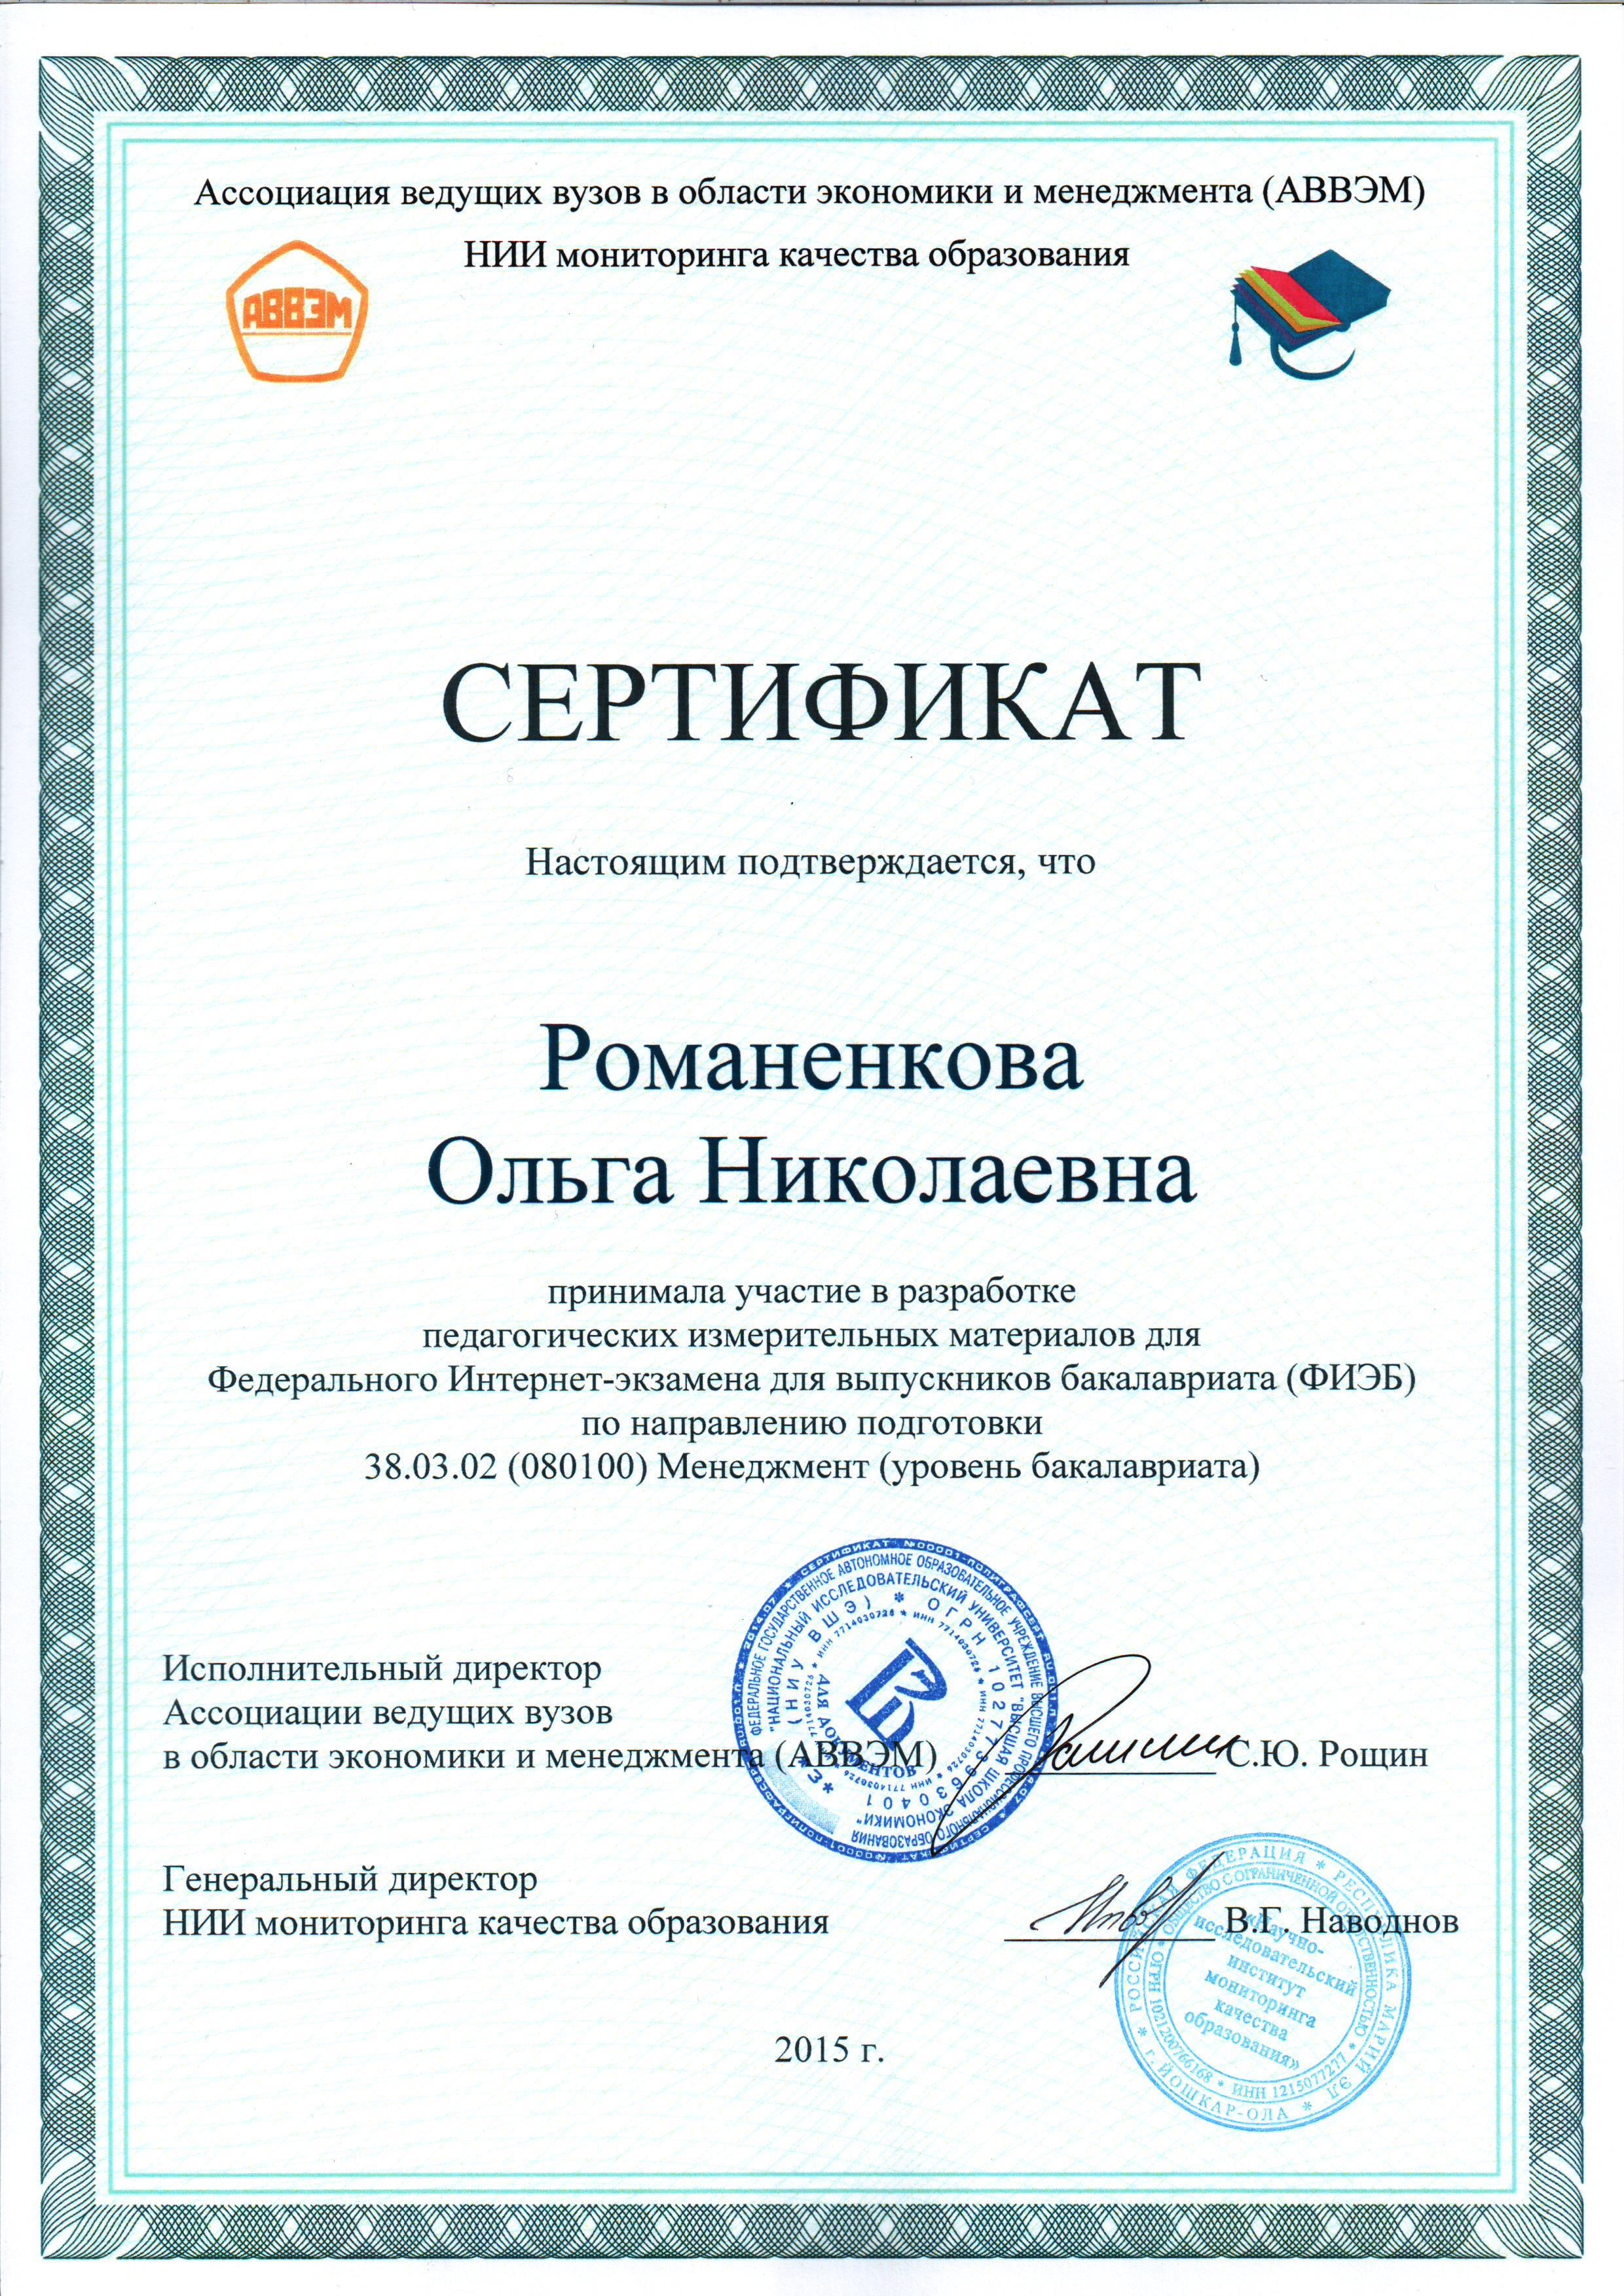 сертификат участие в ЕГЭ тестах для бакалавров